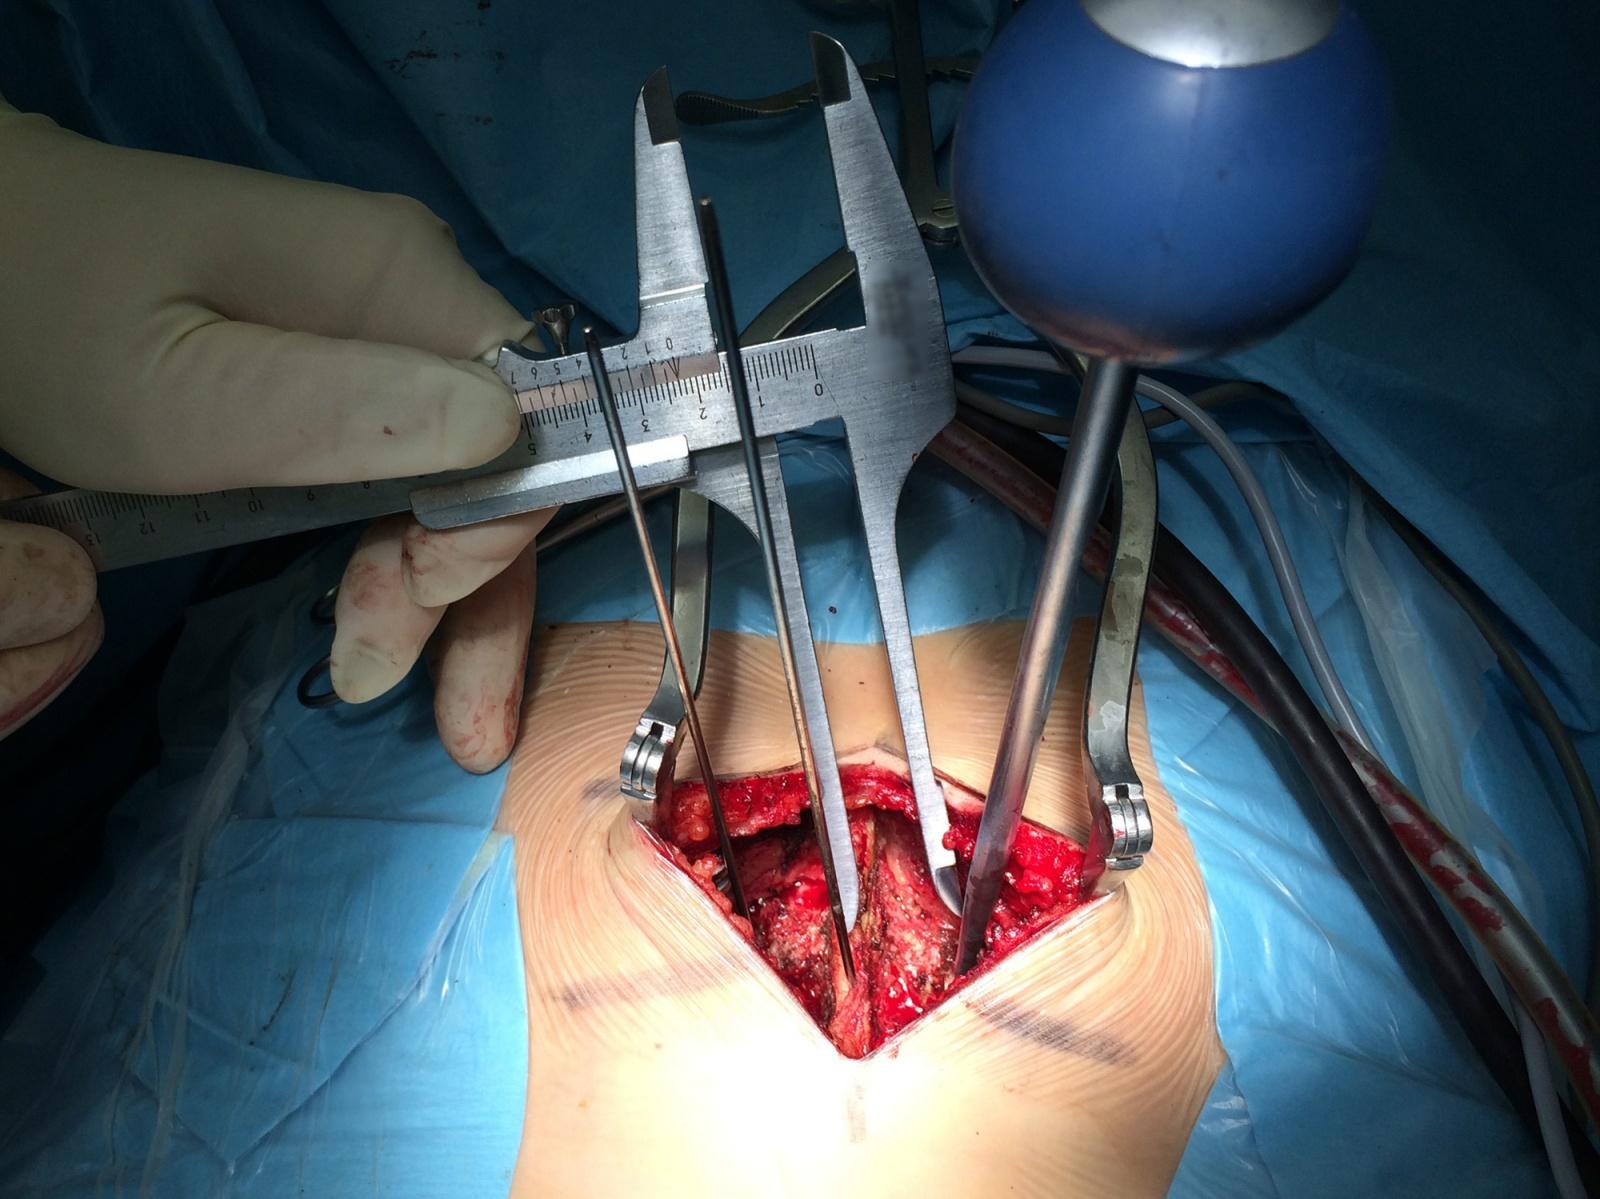 Альтернативный метод транспедикулярной фиксации или как штангенциркуль может заменить целый рентгеноаппарат - 6